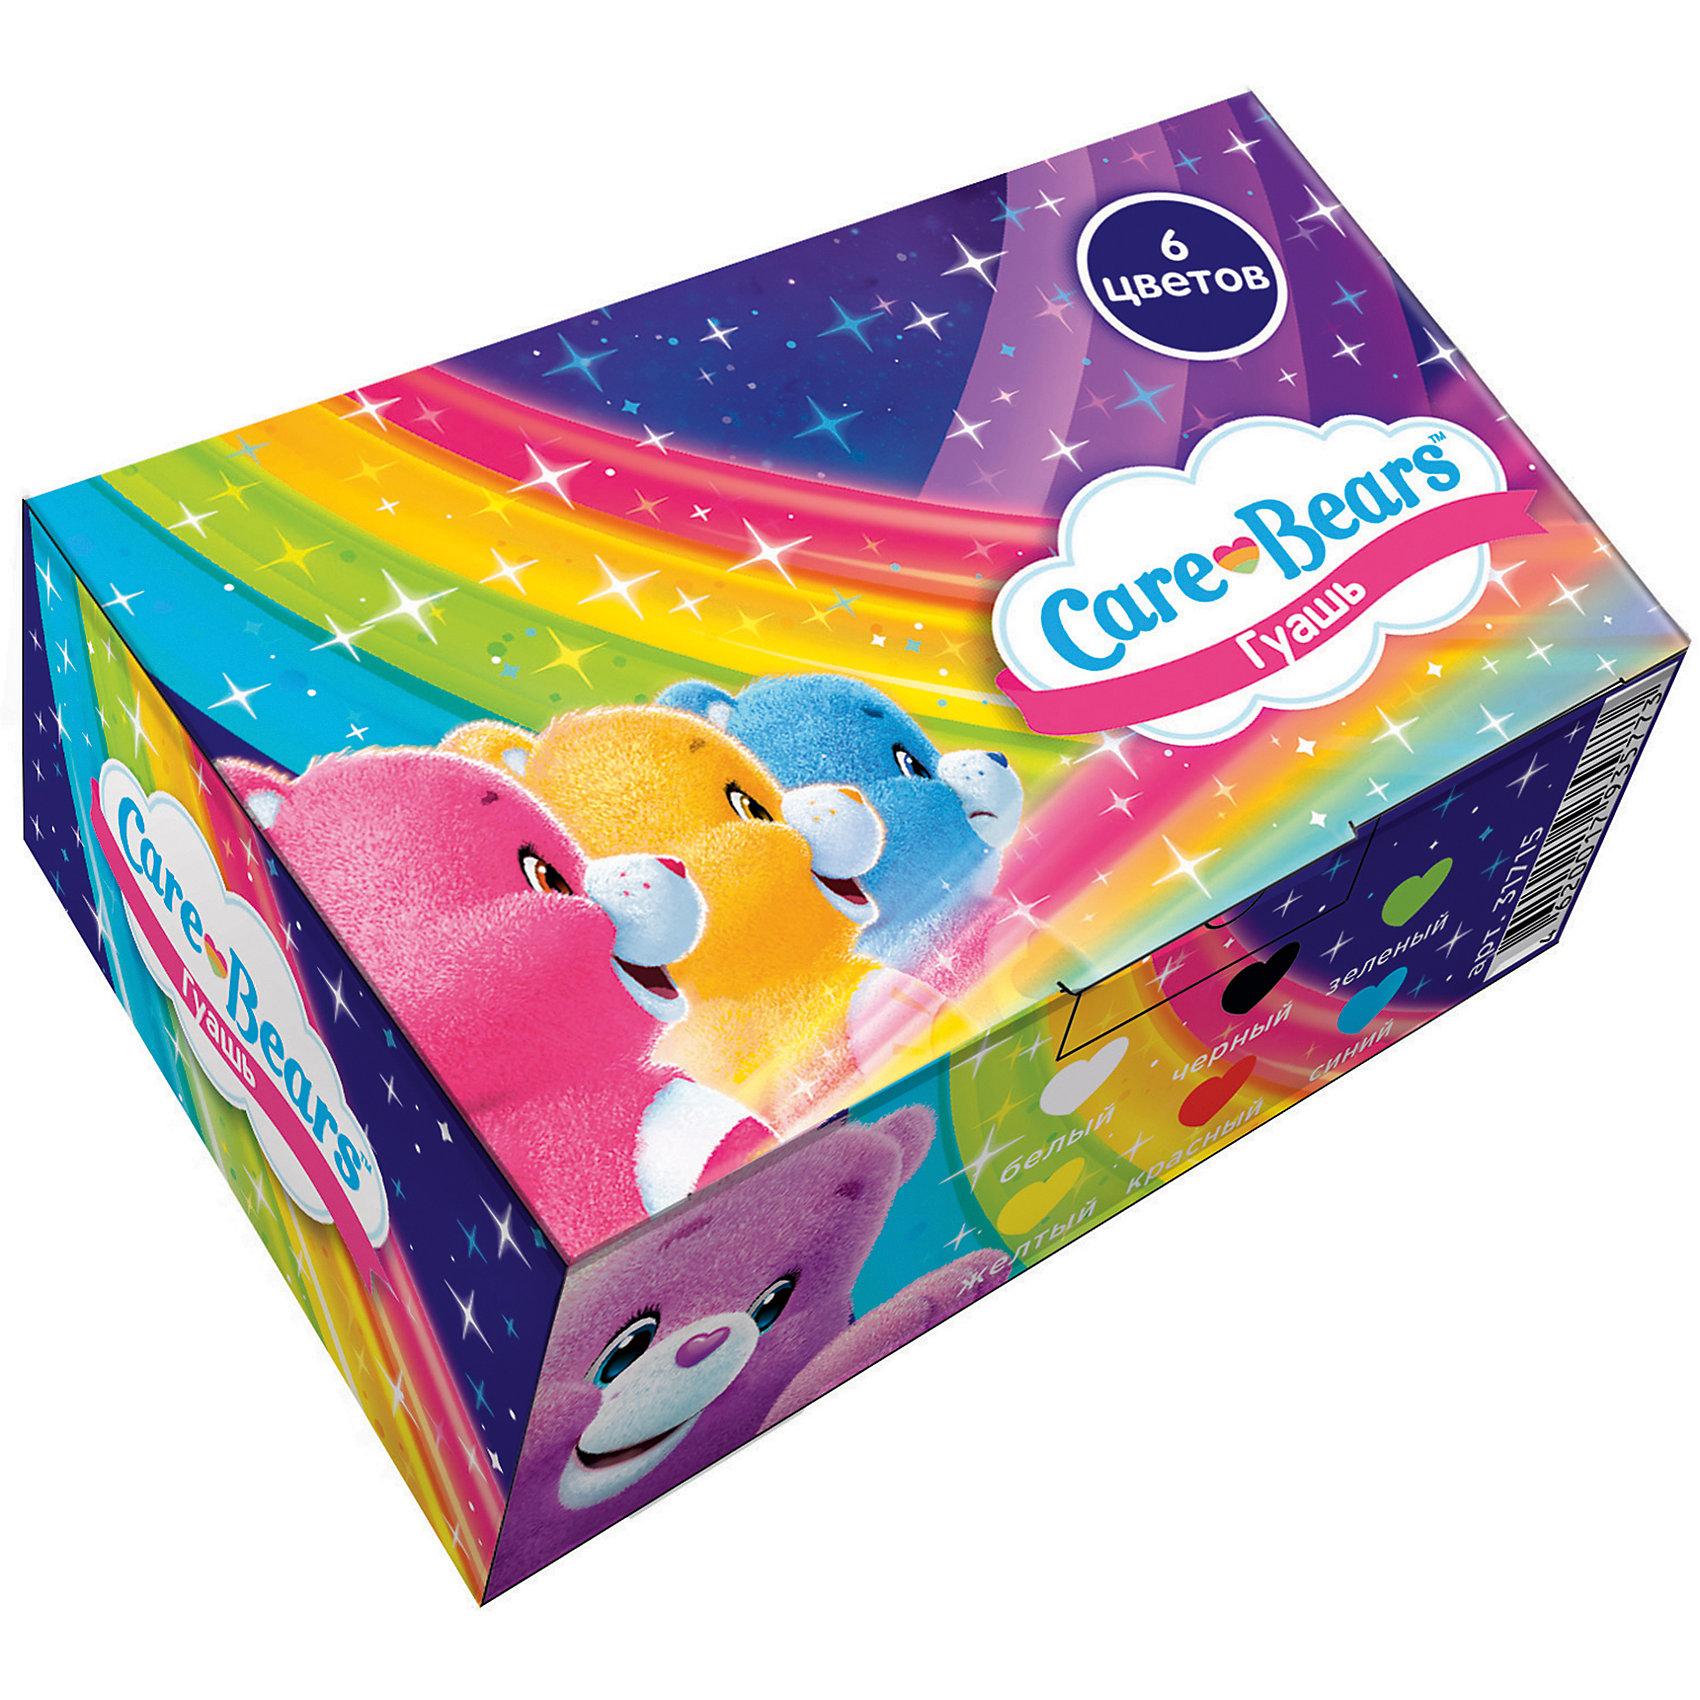 Гуашь «Заботливые мишки», 6 цветовГуашь<br>Гуашь «Заботливые мишки», 6 цветов.<br><br>Характеристики:<br><br>• Для детей в возрасте: от 3 лет<br>• В наборе: 6 насыщенных цветов гуаши в прозрачных баночках по 20 мл с навинчивающимися крышками<br>• Цвета: белый, желтый, красный, синий, зеленый, черный<br>• Состав: вода питьевая, метилцеллюлоза, пигменты органические и неорганические, глицерин<br>• Упаковка: картонная коробка<br>• Размер упаковки: 12х7,7х4 см.<br>• Вес: 240 гр.<br>• Срок годности: 2 года<br><br>Шесть насыщенных цветов гуаши Заботливые мишки помогут вашему юному художнику создавать множество ярких рисунков, развивая при этом воображение, мелкую моторику, цветовосприятие и умение рисовать. Гуашь идеально подходит для рисования на бумаге, картоне, холсте, ткани и фанере: она хорошо размывается водой, легко наносится, при высыхании приобретает матовую, бархатистую поверхность. Гуашь легко смывается с рук и одежды, безопасна при использовании по назначению.<br><br>Гуашь «Заботливые мишки», 6 цветов можно купить в нашем интернет-магазине.<br><br>Ширина мм: 120<br>Глубина мм: 77<br>Высота мм: 40<br>Вес г: 240<br>Возраст от месяцев: 36<br>Возраст до месяцев: 2147483647<br>Пол: Женский<br>Возраст: Детский<br>SKU: 5526408